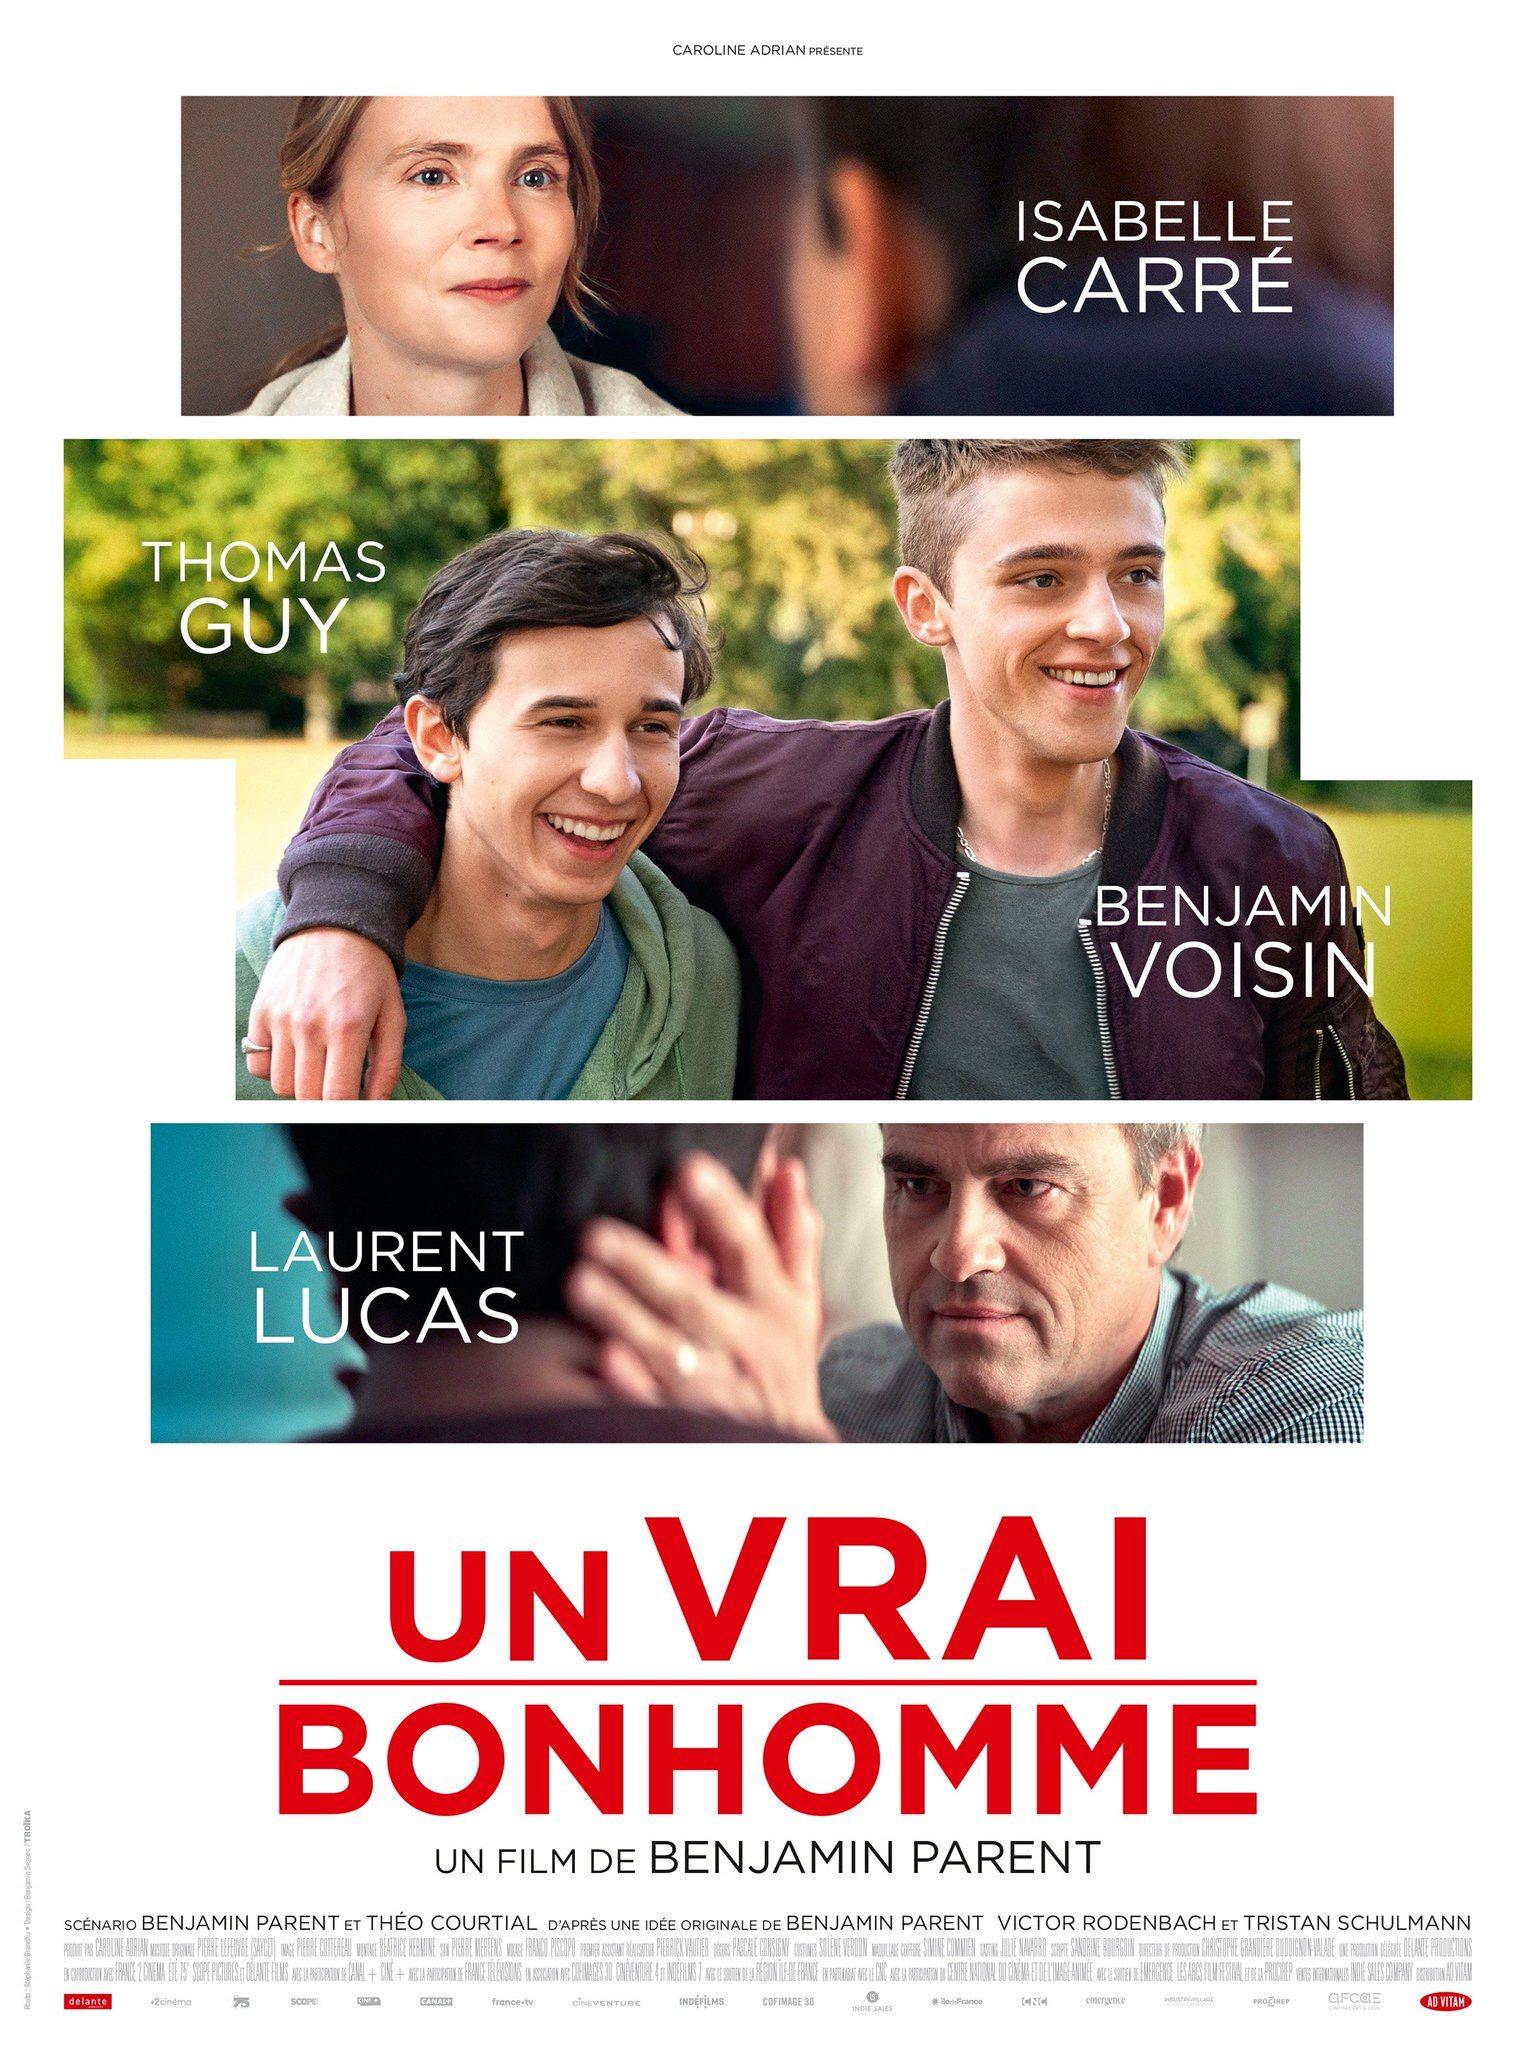 Cristal Publishing - Un vrai bonhomme - 2019